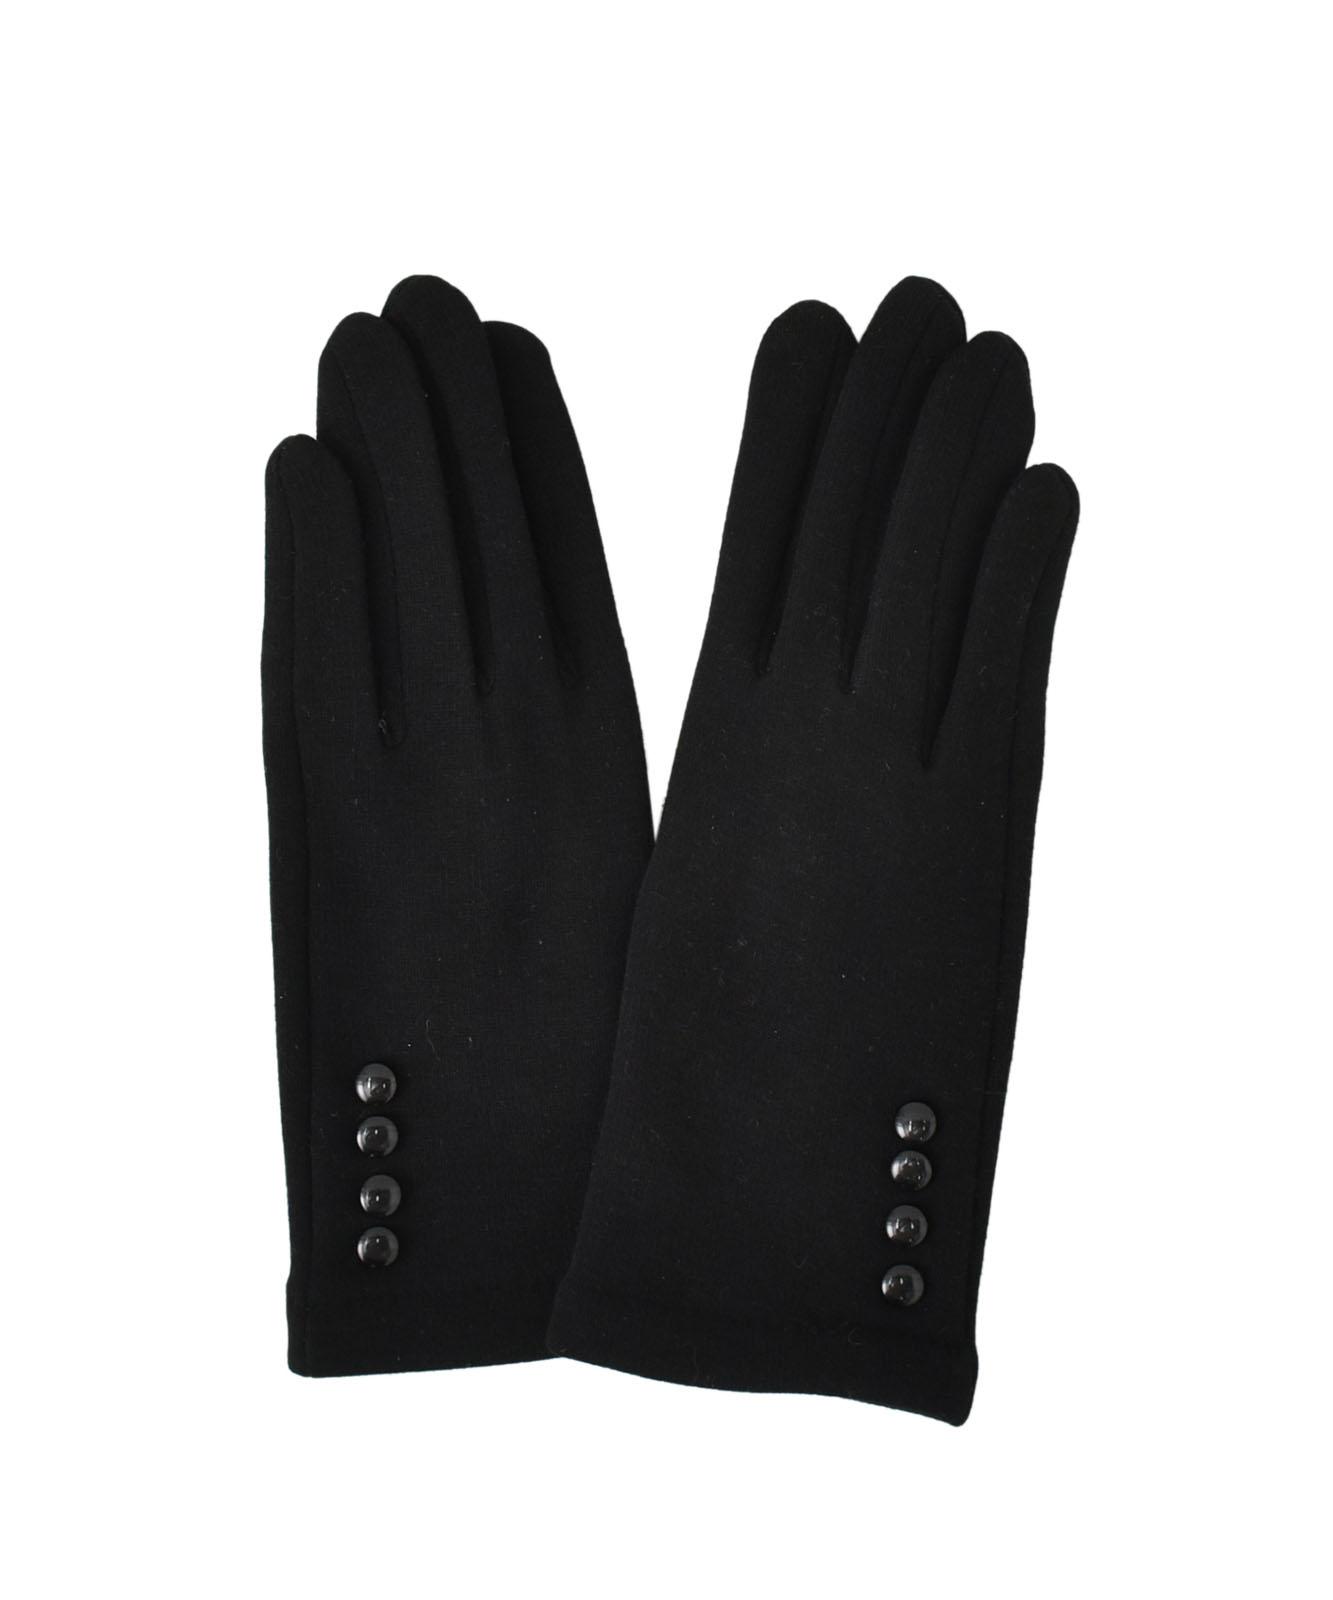 ミニボタン付きタッチパネル対応手袋(抗菌加工)